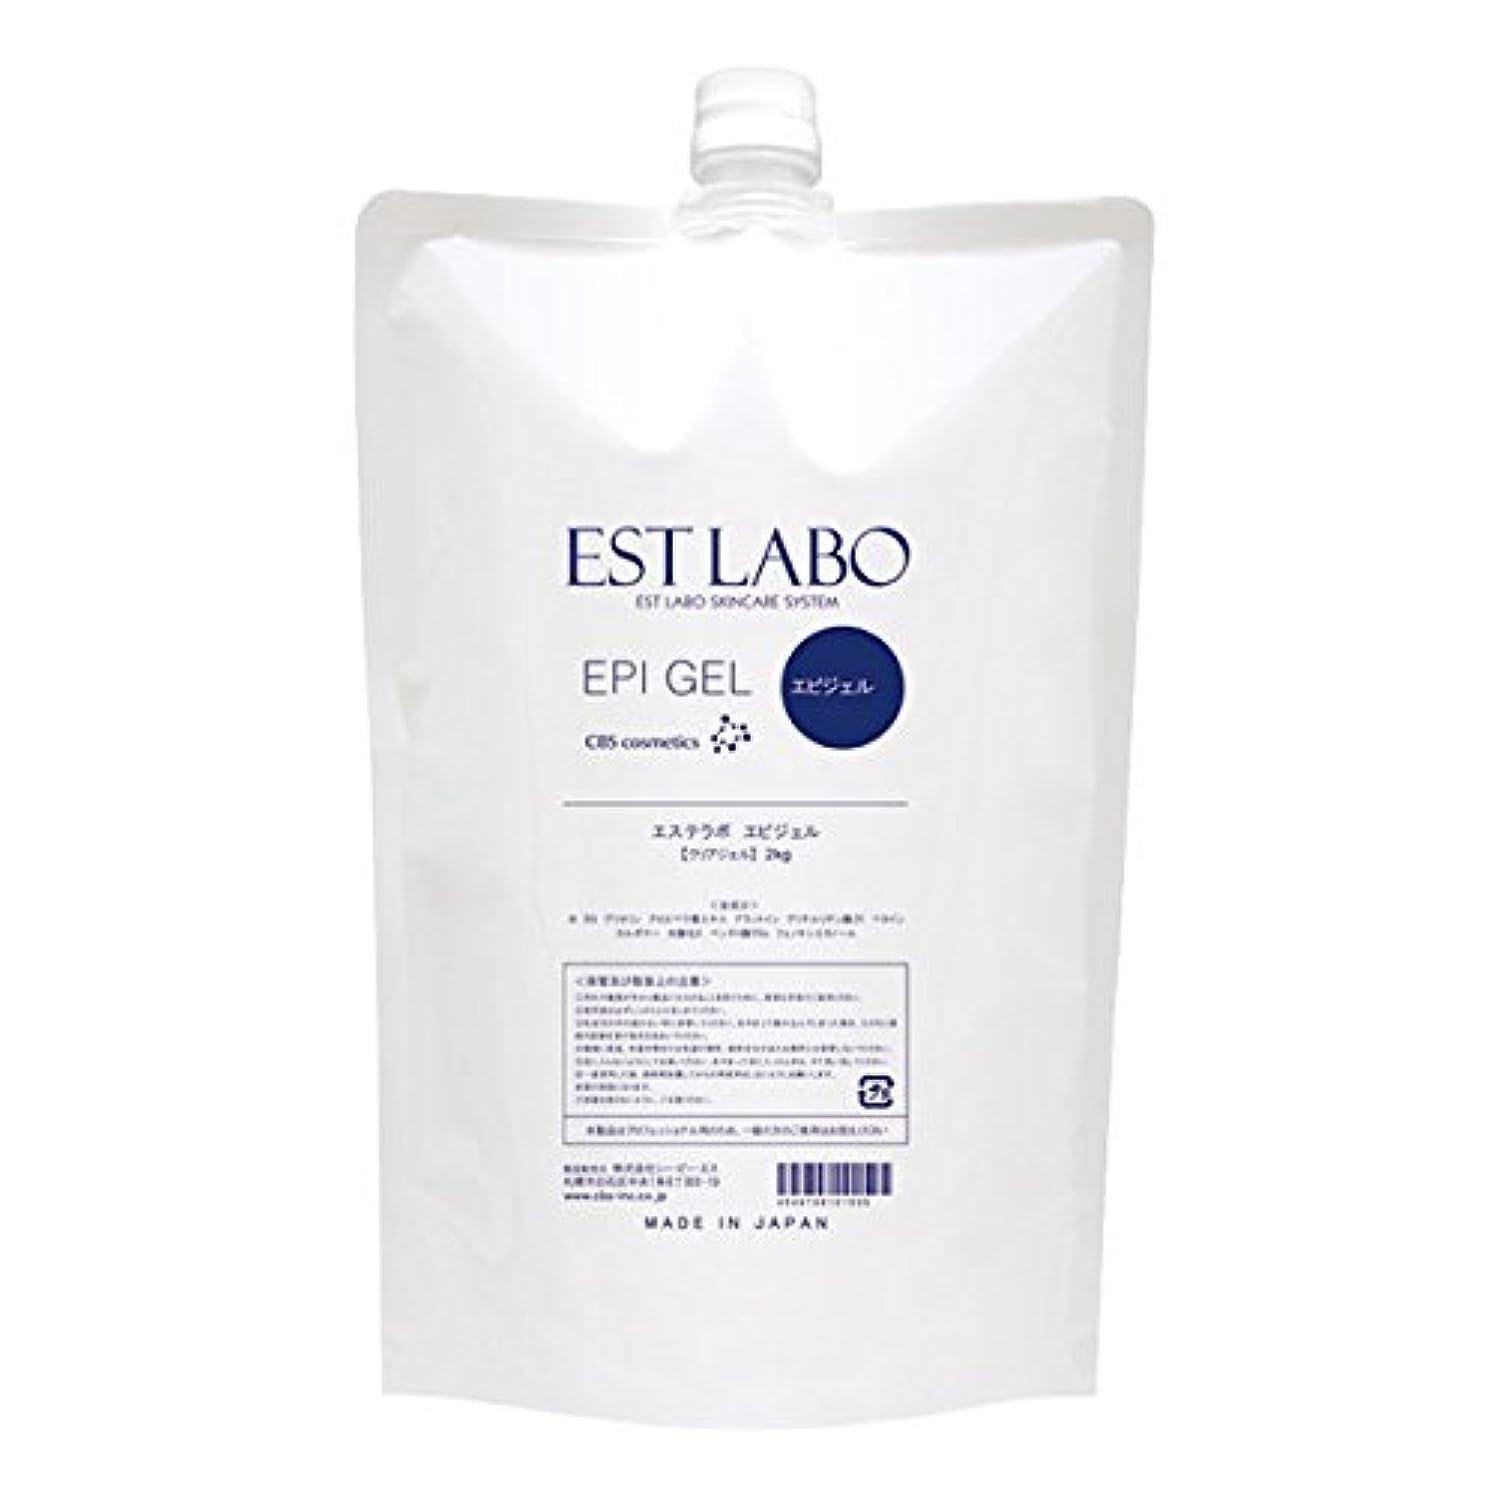 六月いっぱい精算脱毛 EST LABO エピジェル(1袋?2kg)×2 合計2袋?4kg 業務用